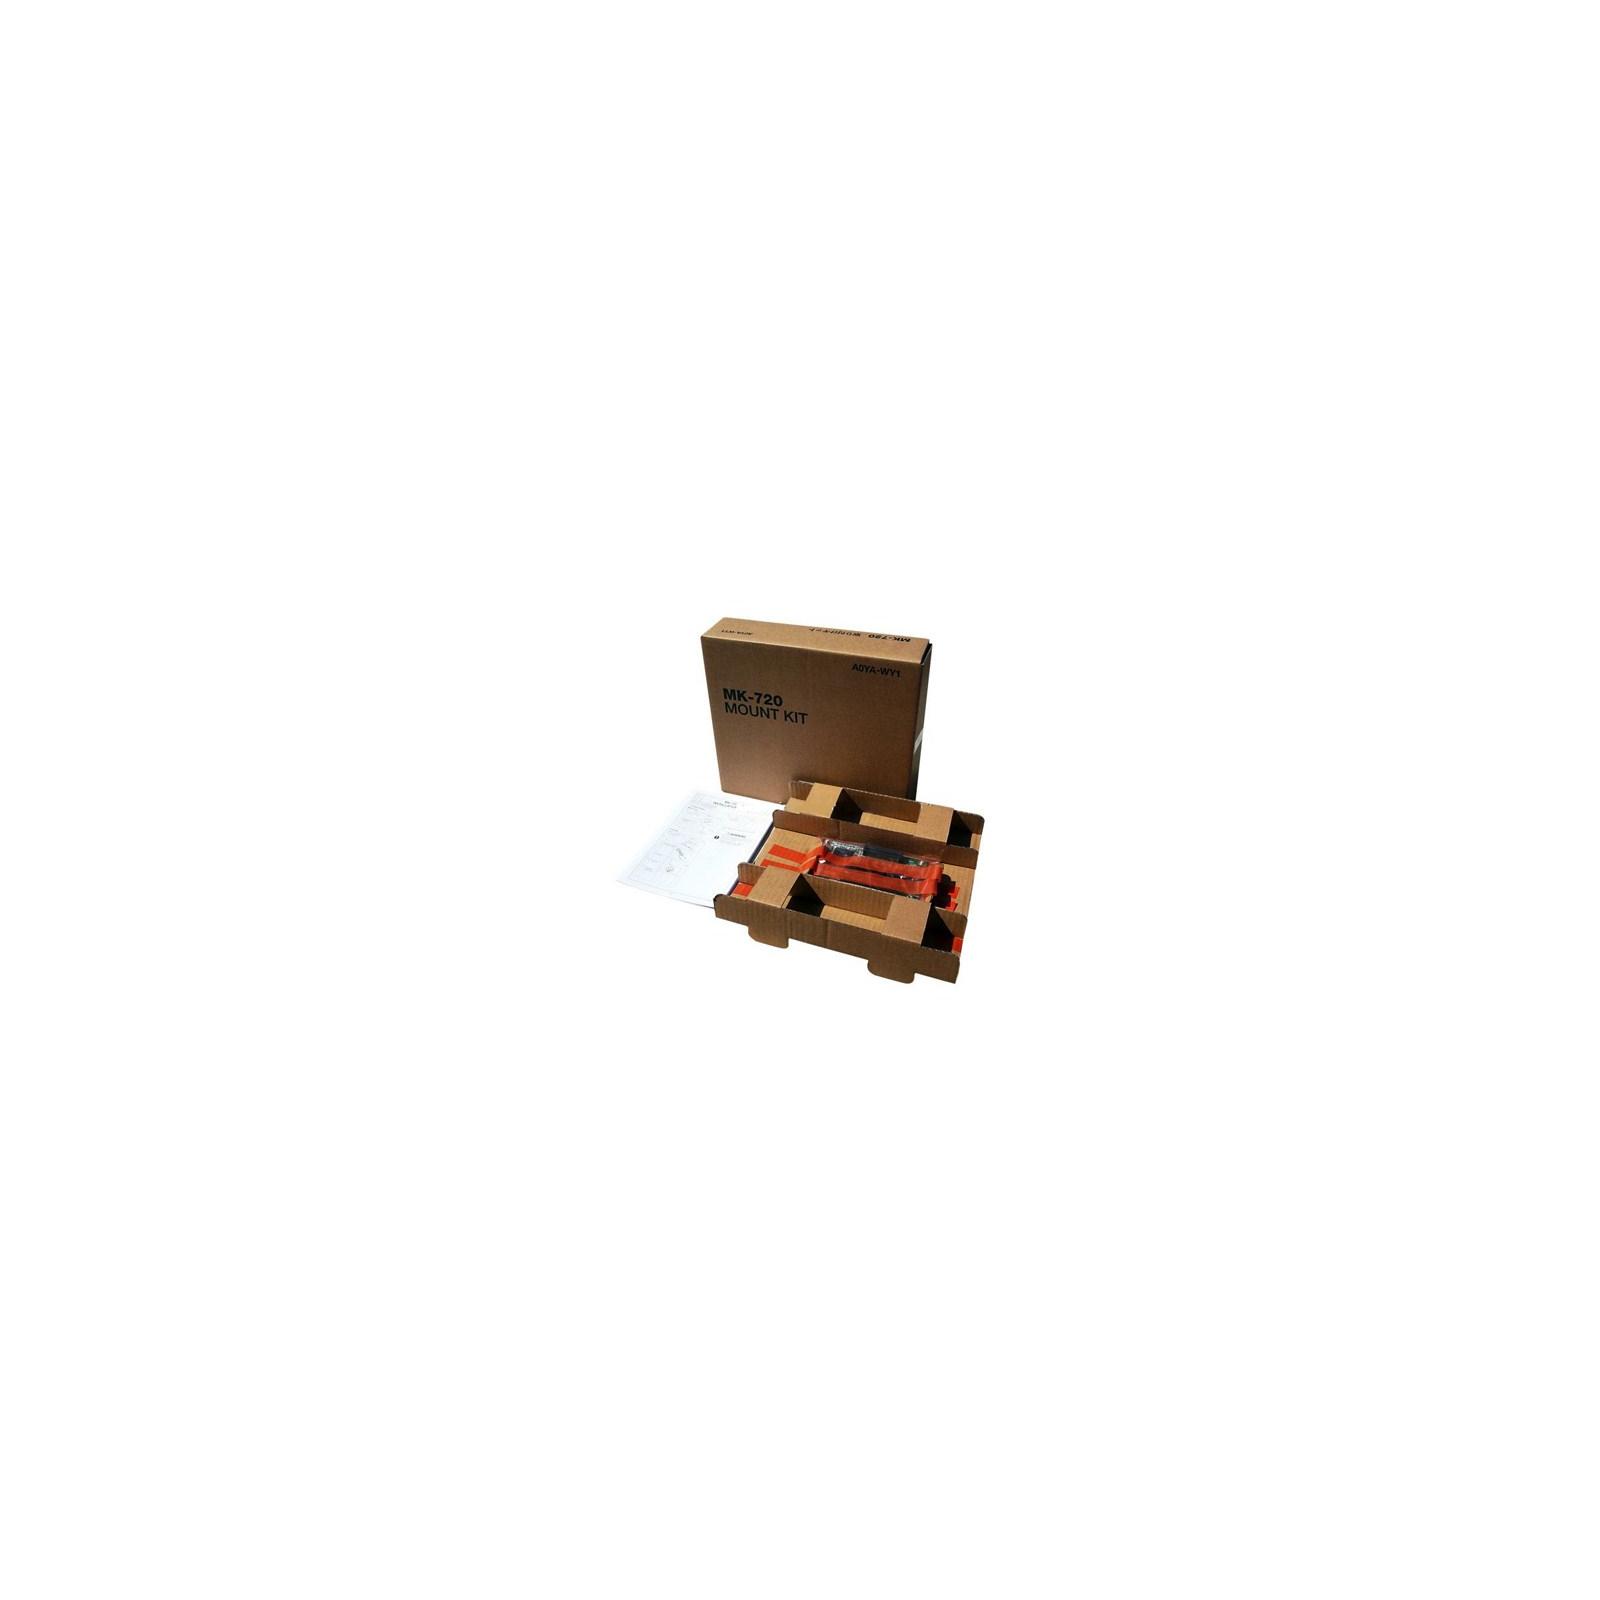 Дополнительное оборудование Develop плата МК-720 (A0YAWY1)